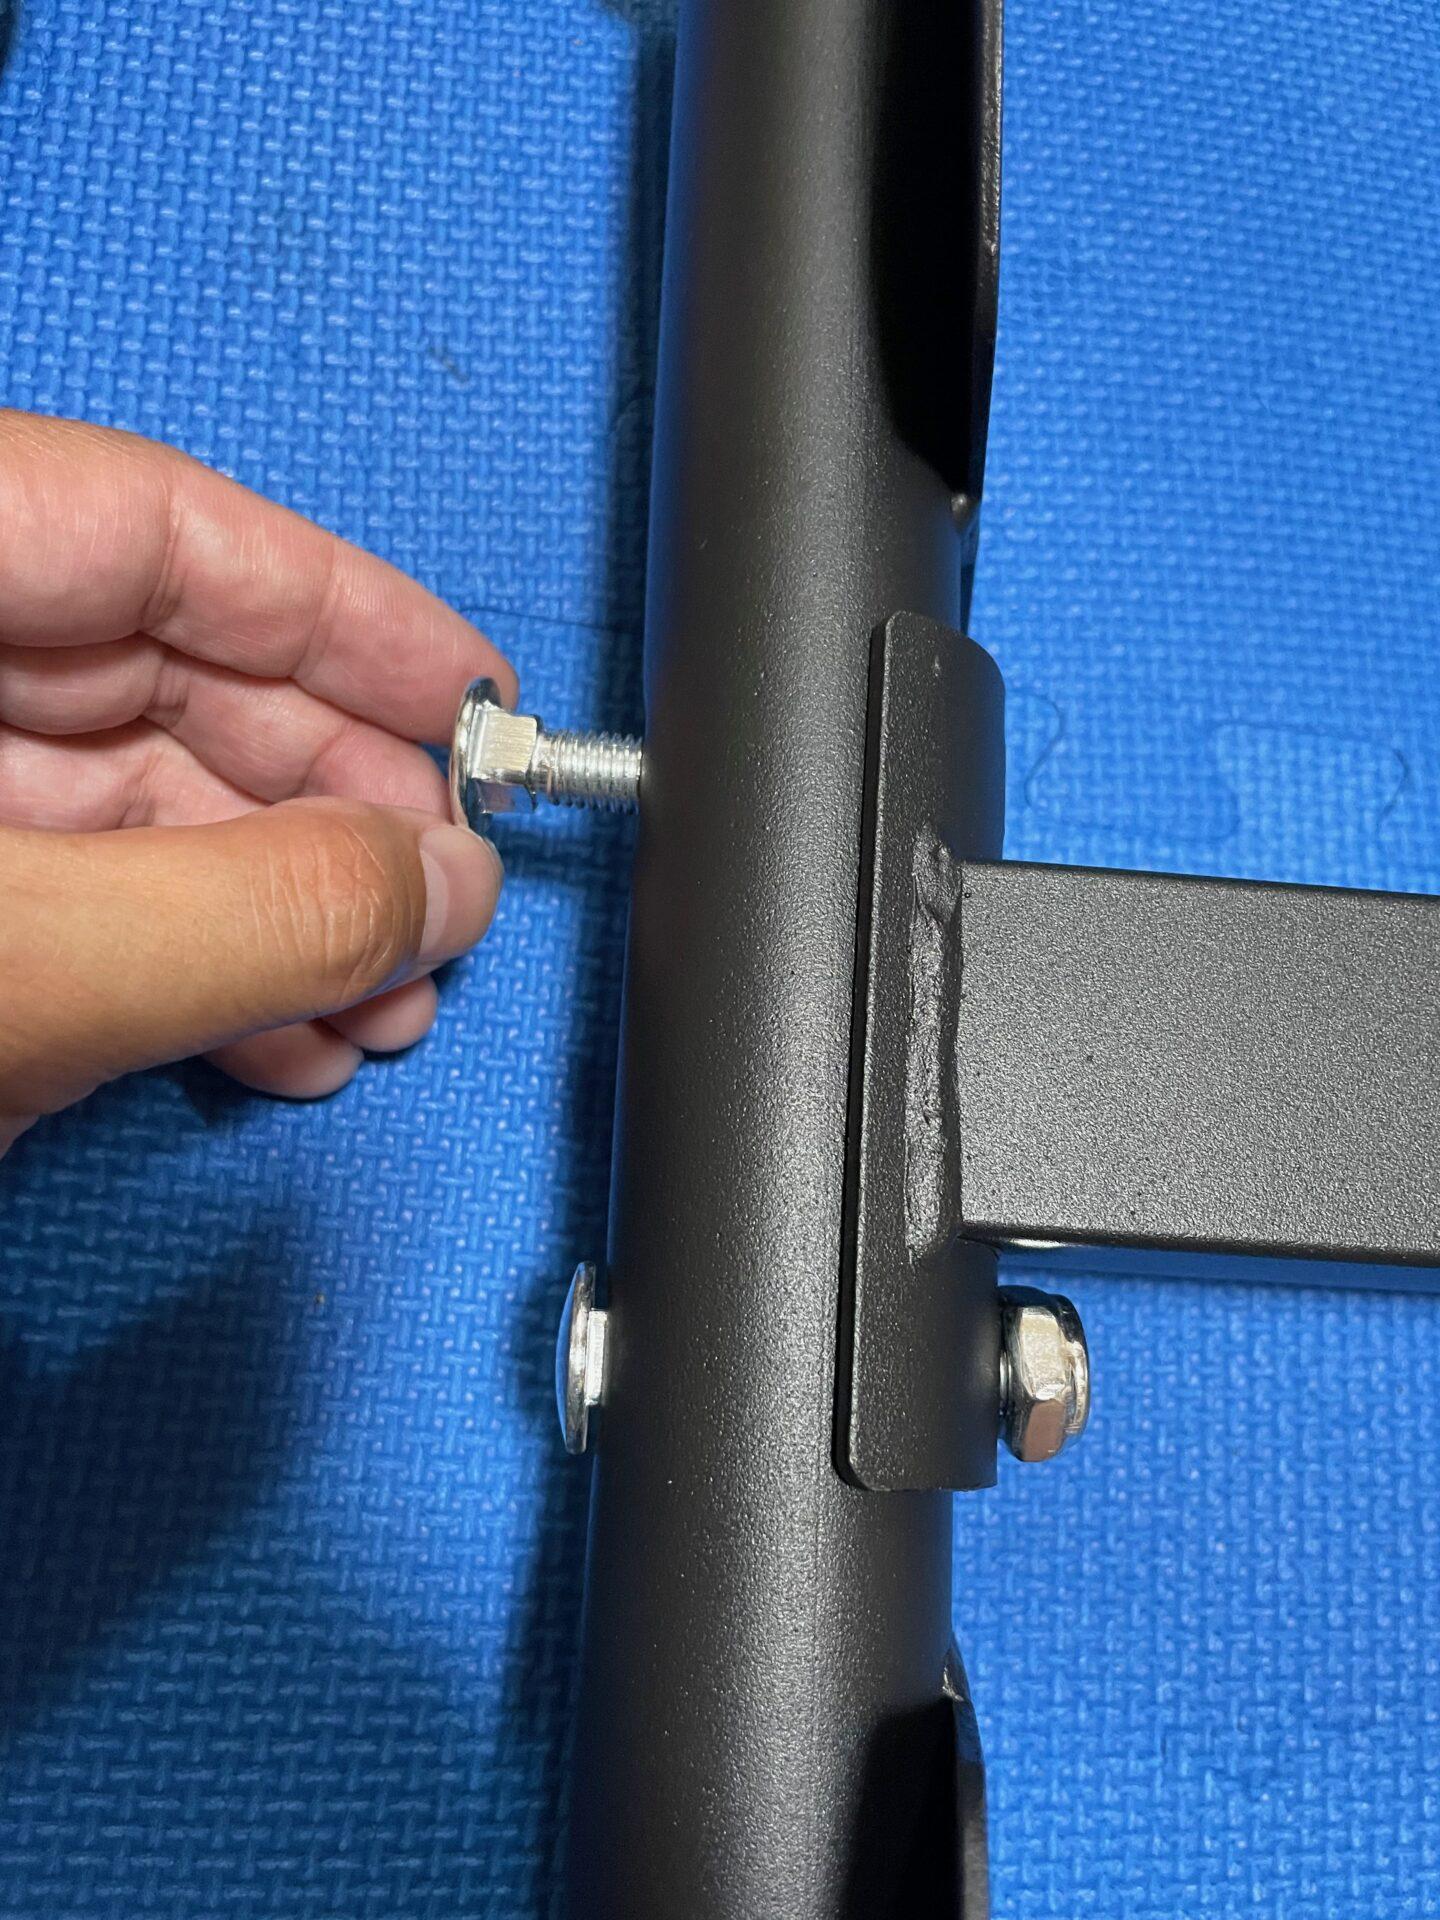 宅トレ トレーニングベンチ 組み立て方法 脚 ネジ 固定